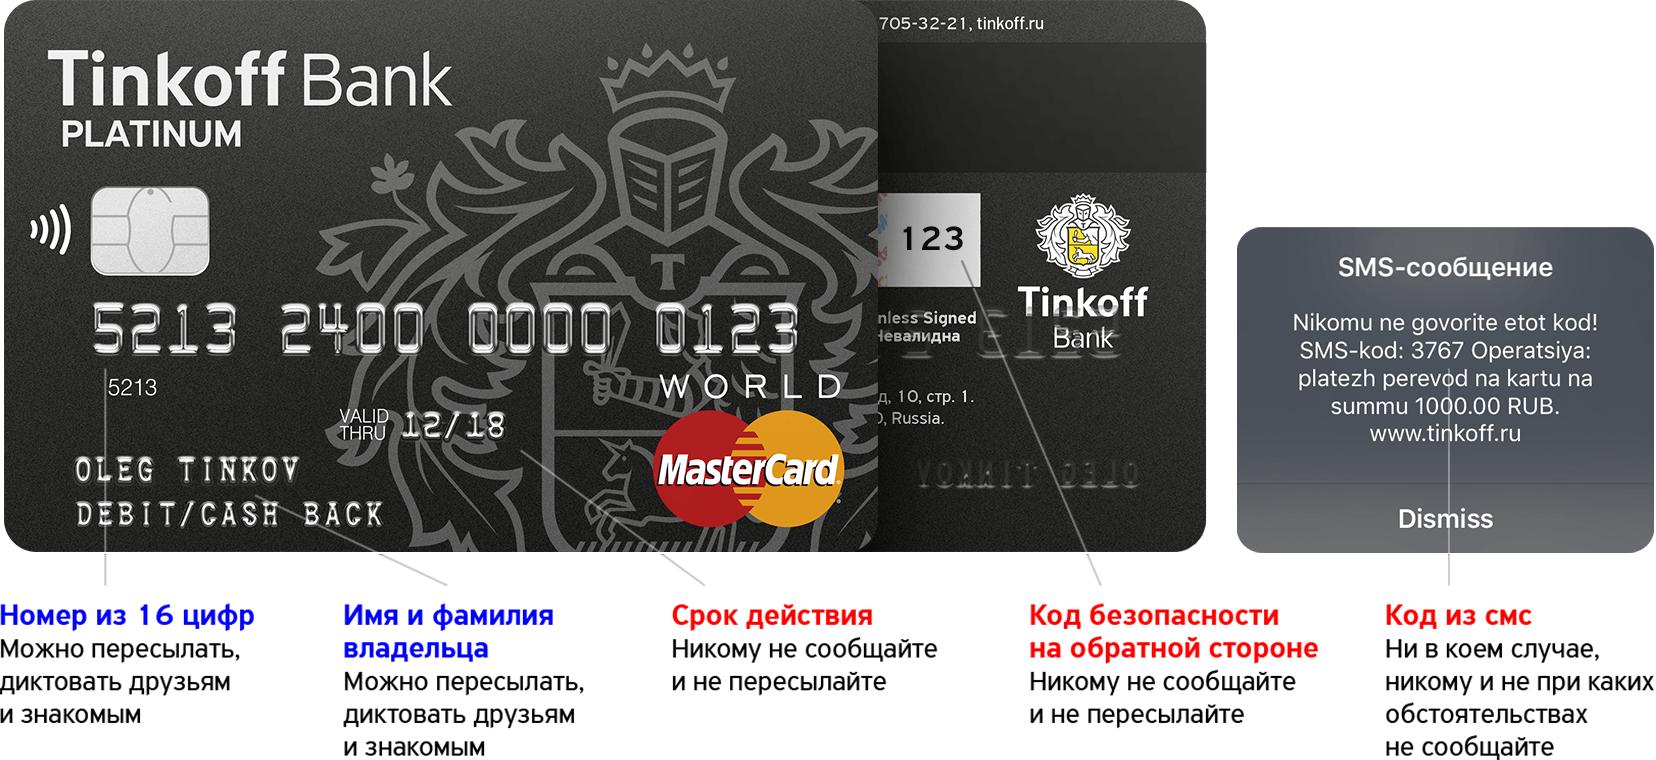 дебетовые карты тинькофф банка для физических лиц сравнение кредитов наличными разных банков